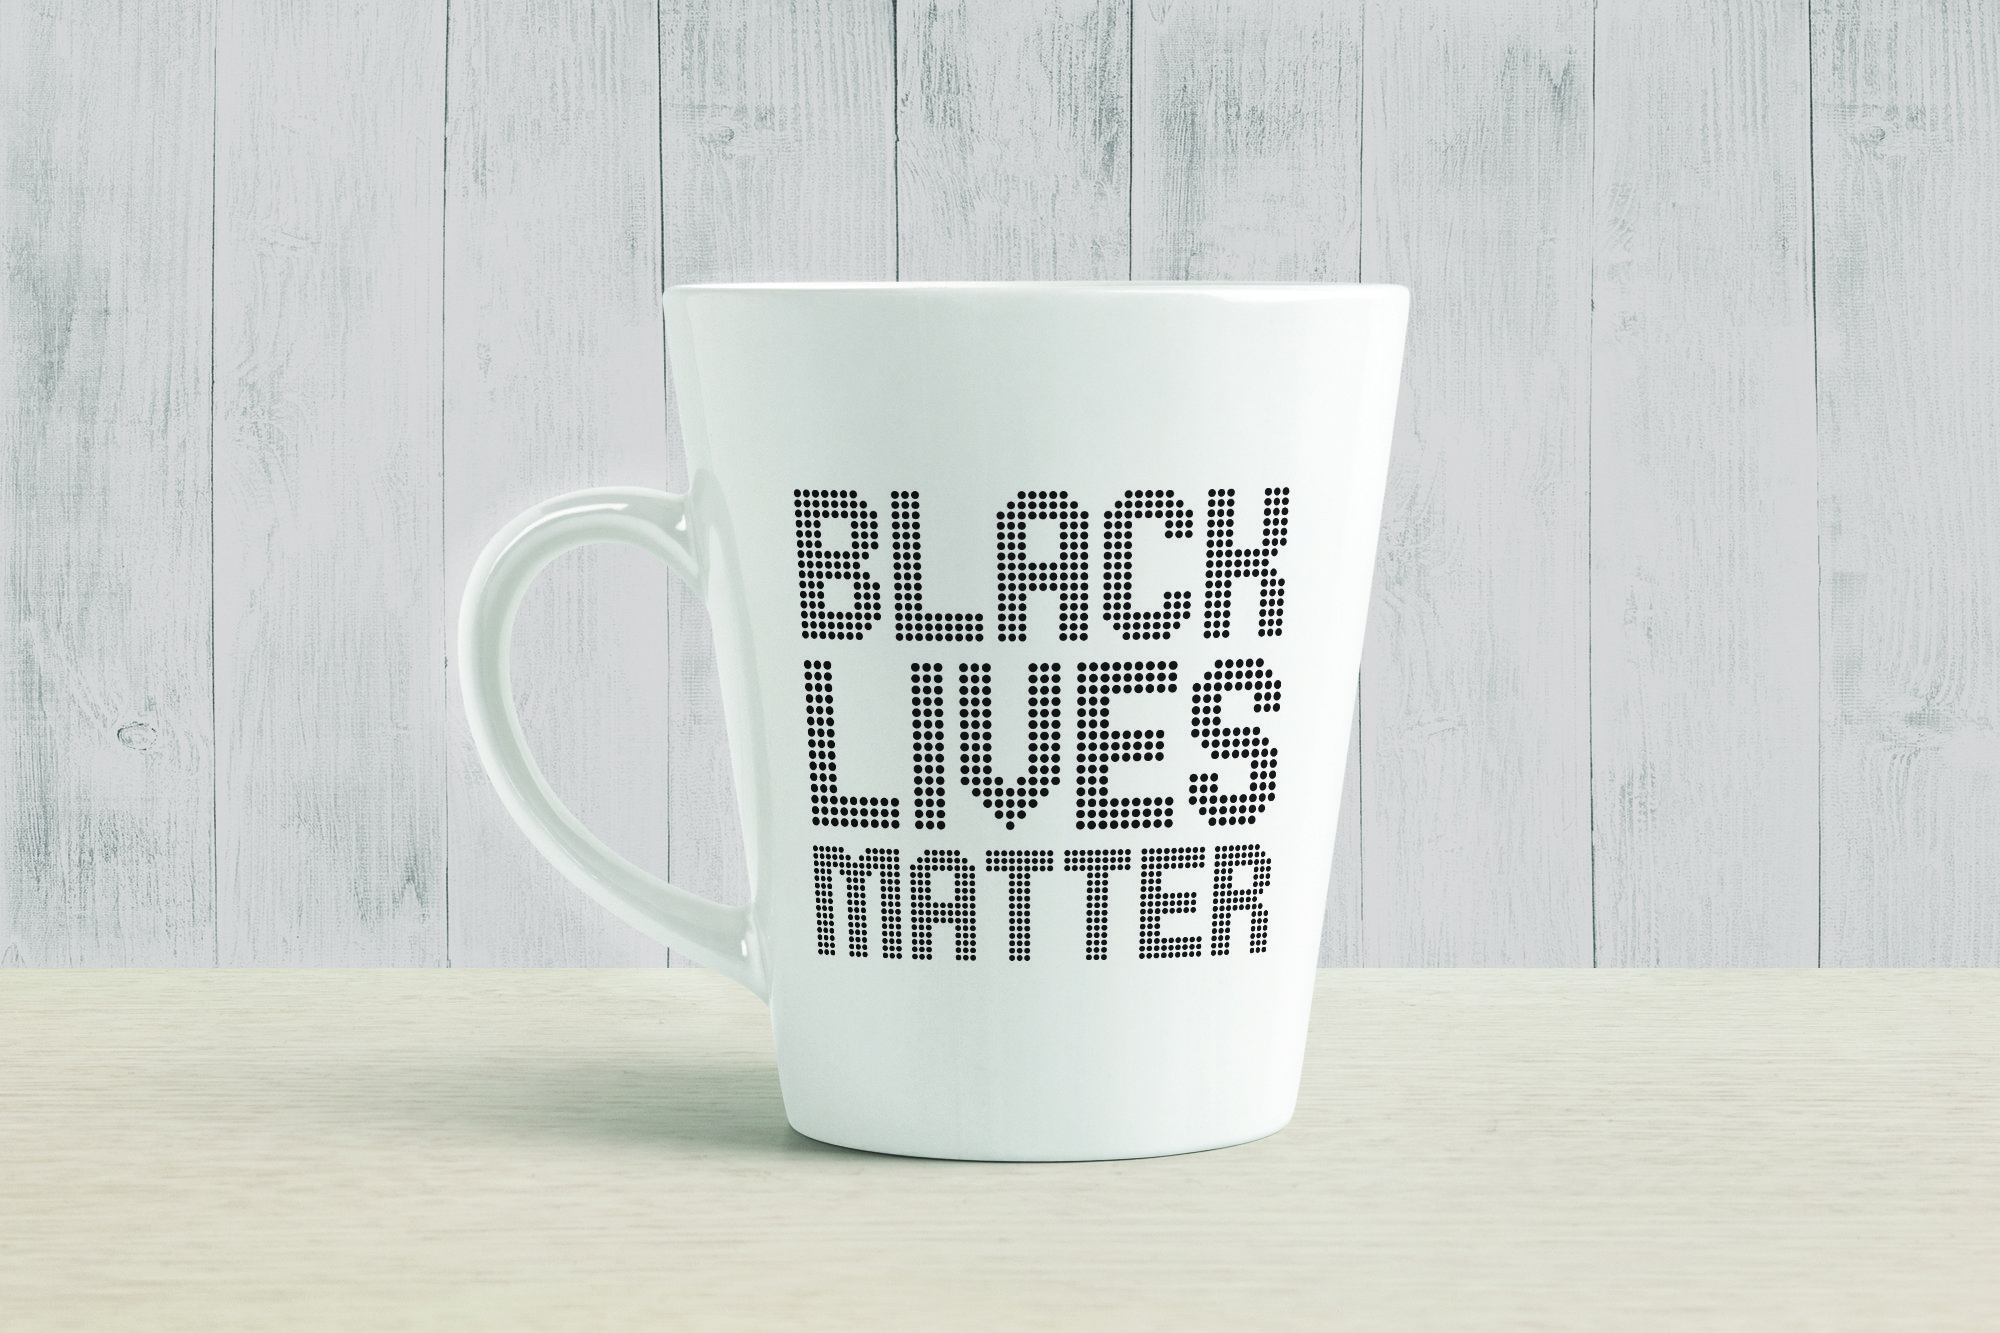 Black Lives Matter SVG, BLM SVG Cut File example image 3